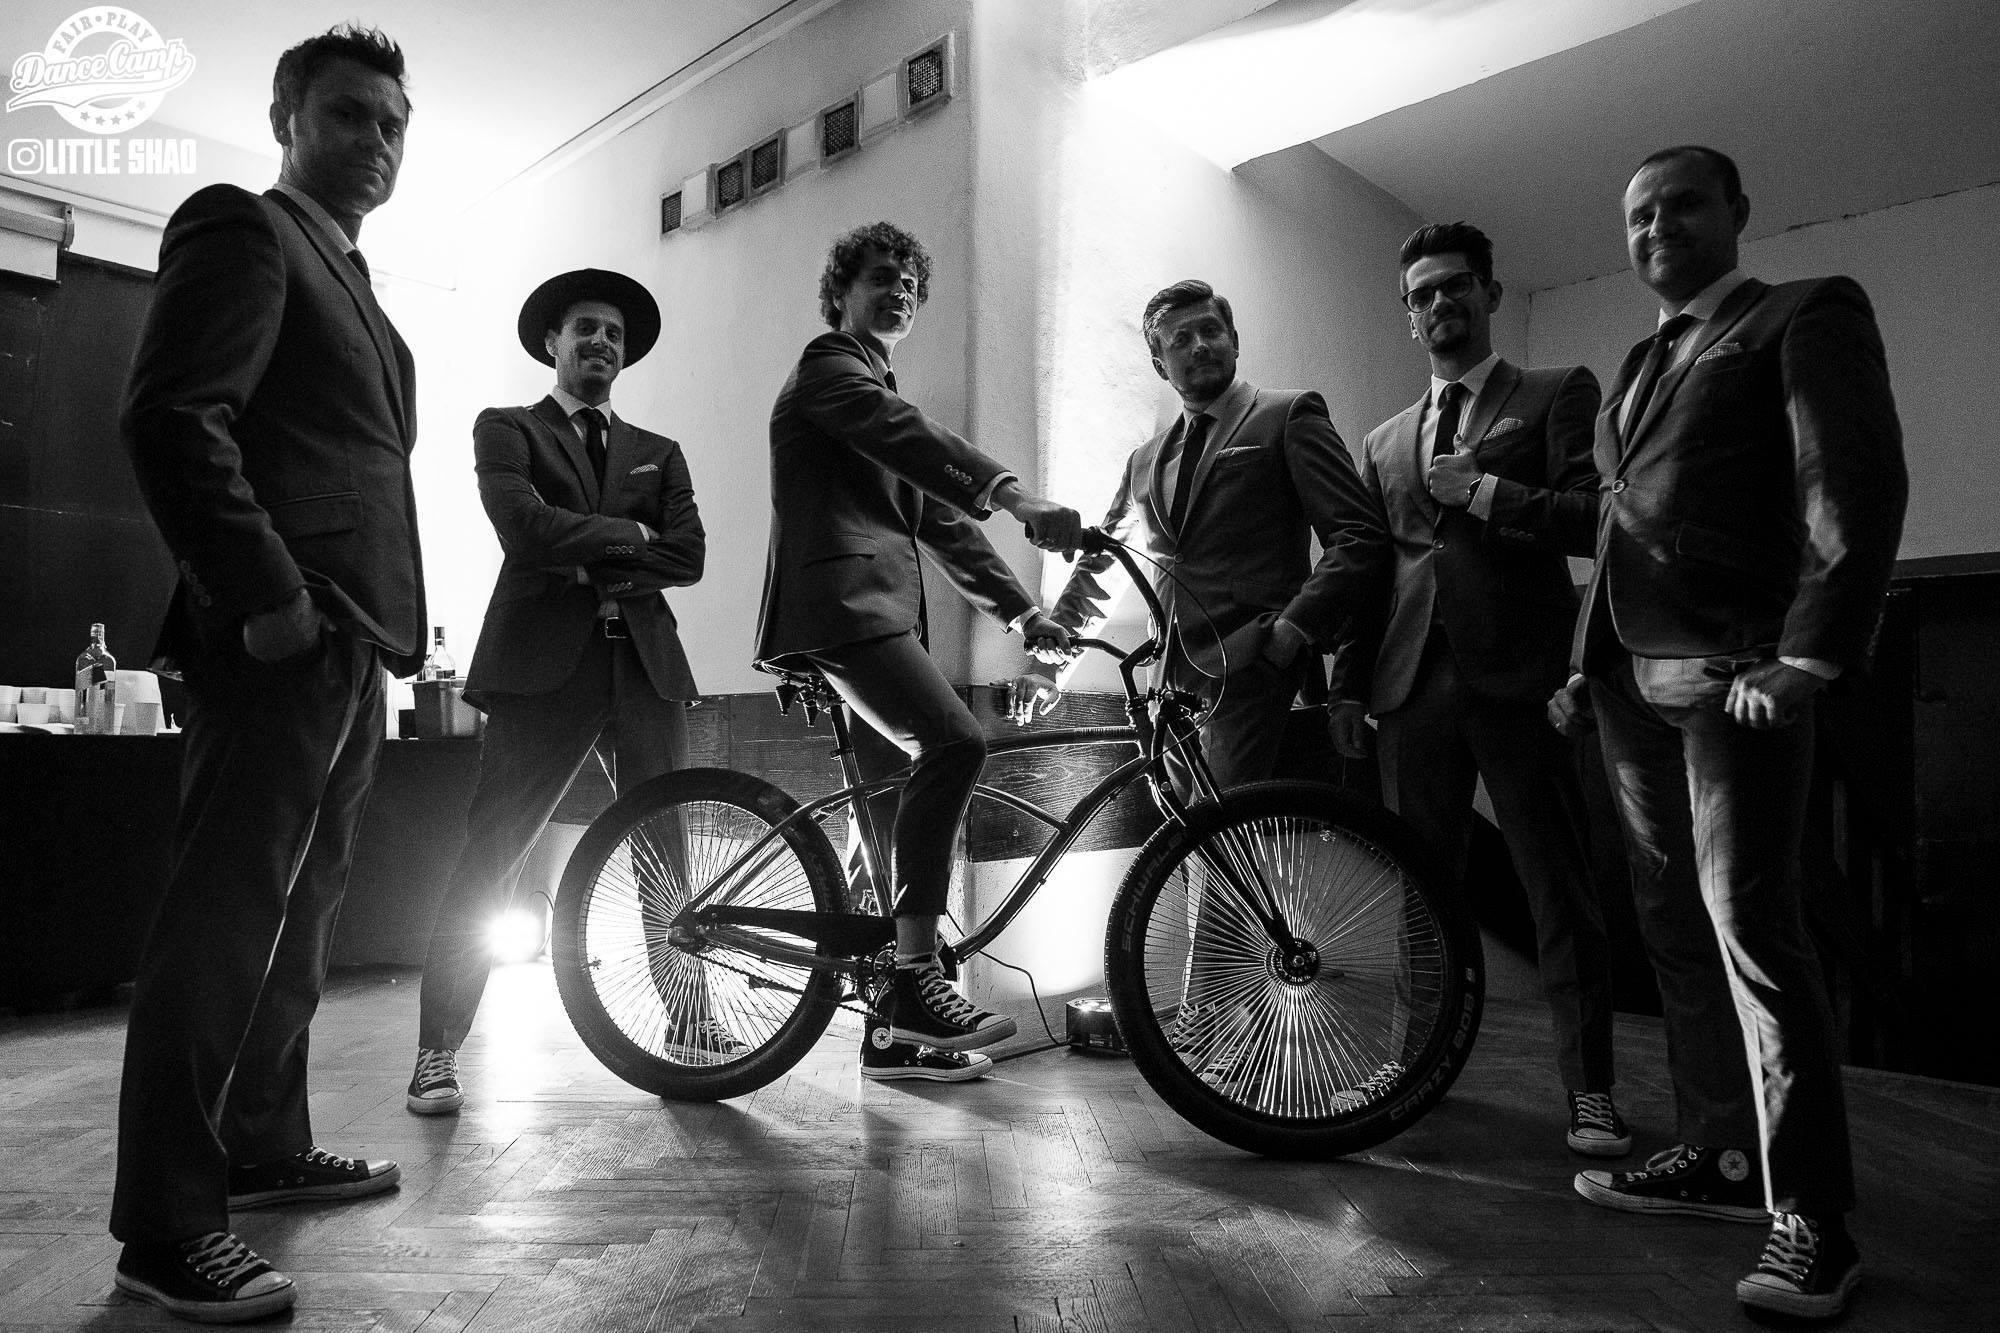 MK-Bicycle